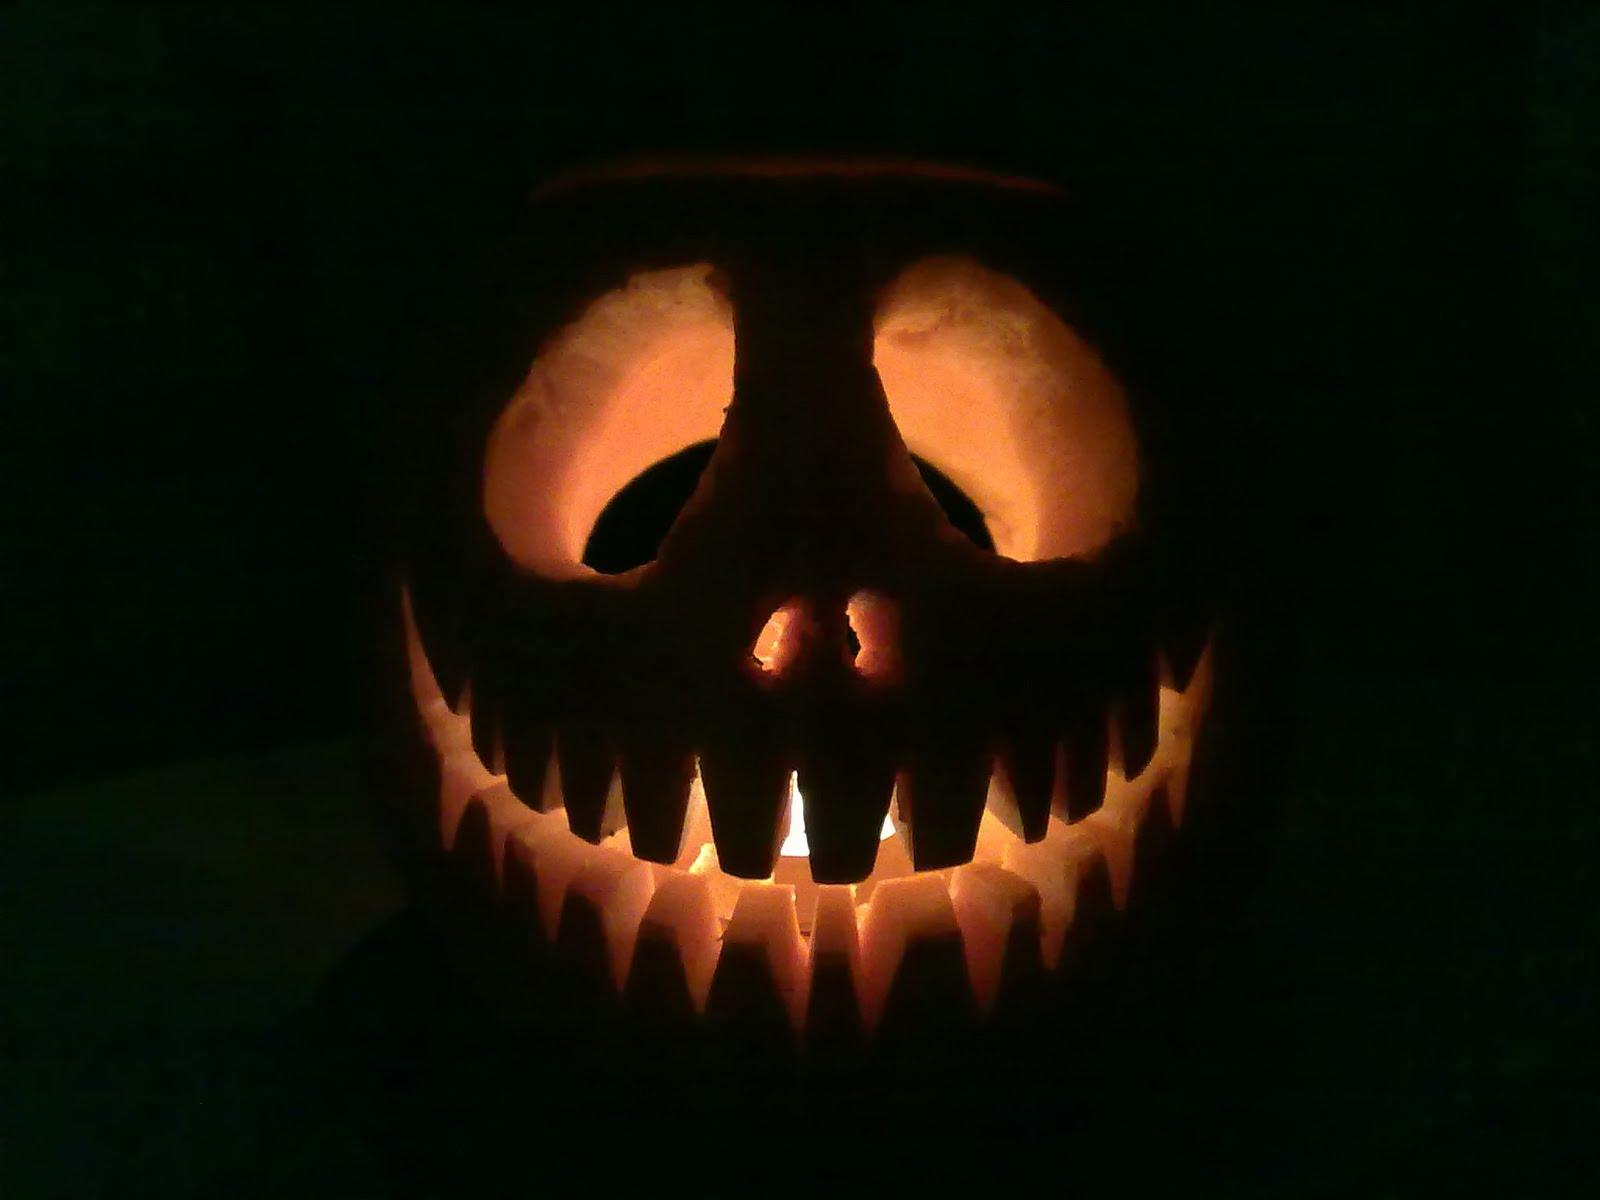 El pachorra un hombre tranquilo halloween 2010 - Calabazas de halloween de miedo ...